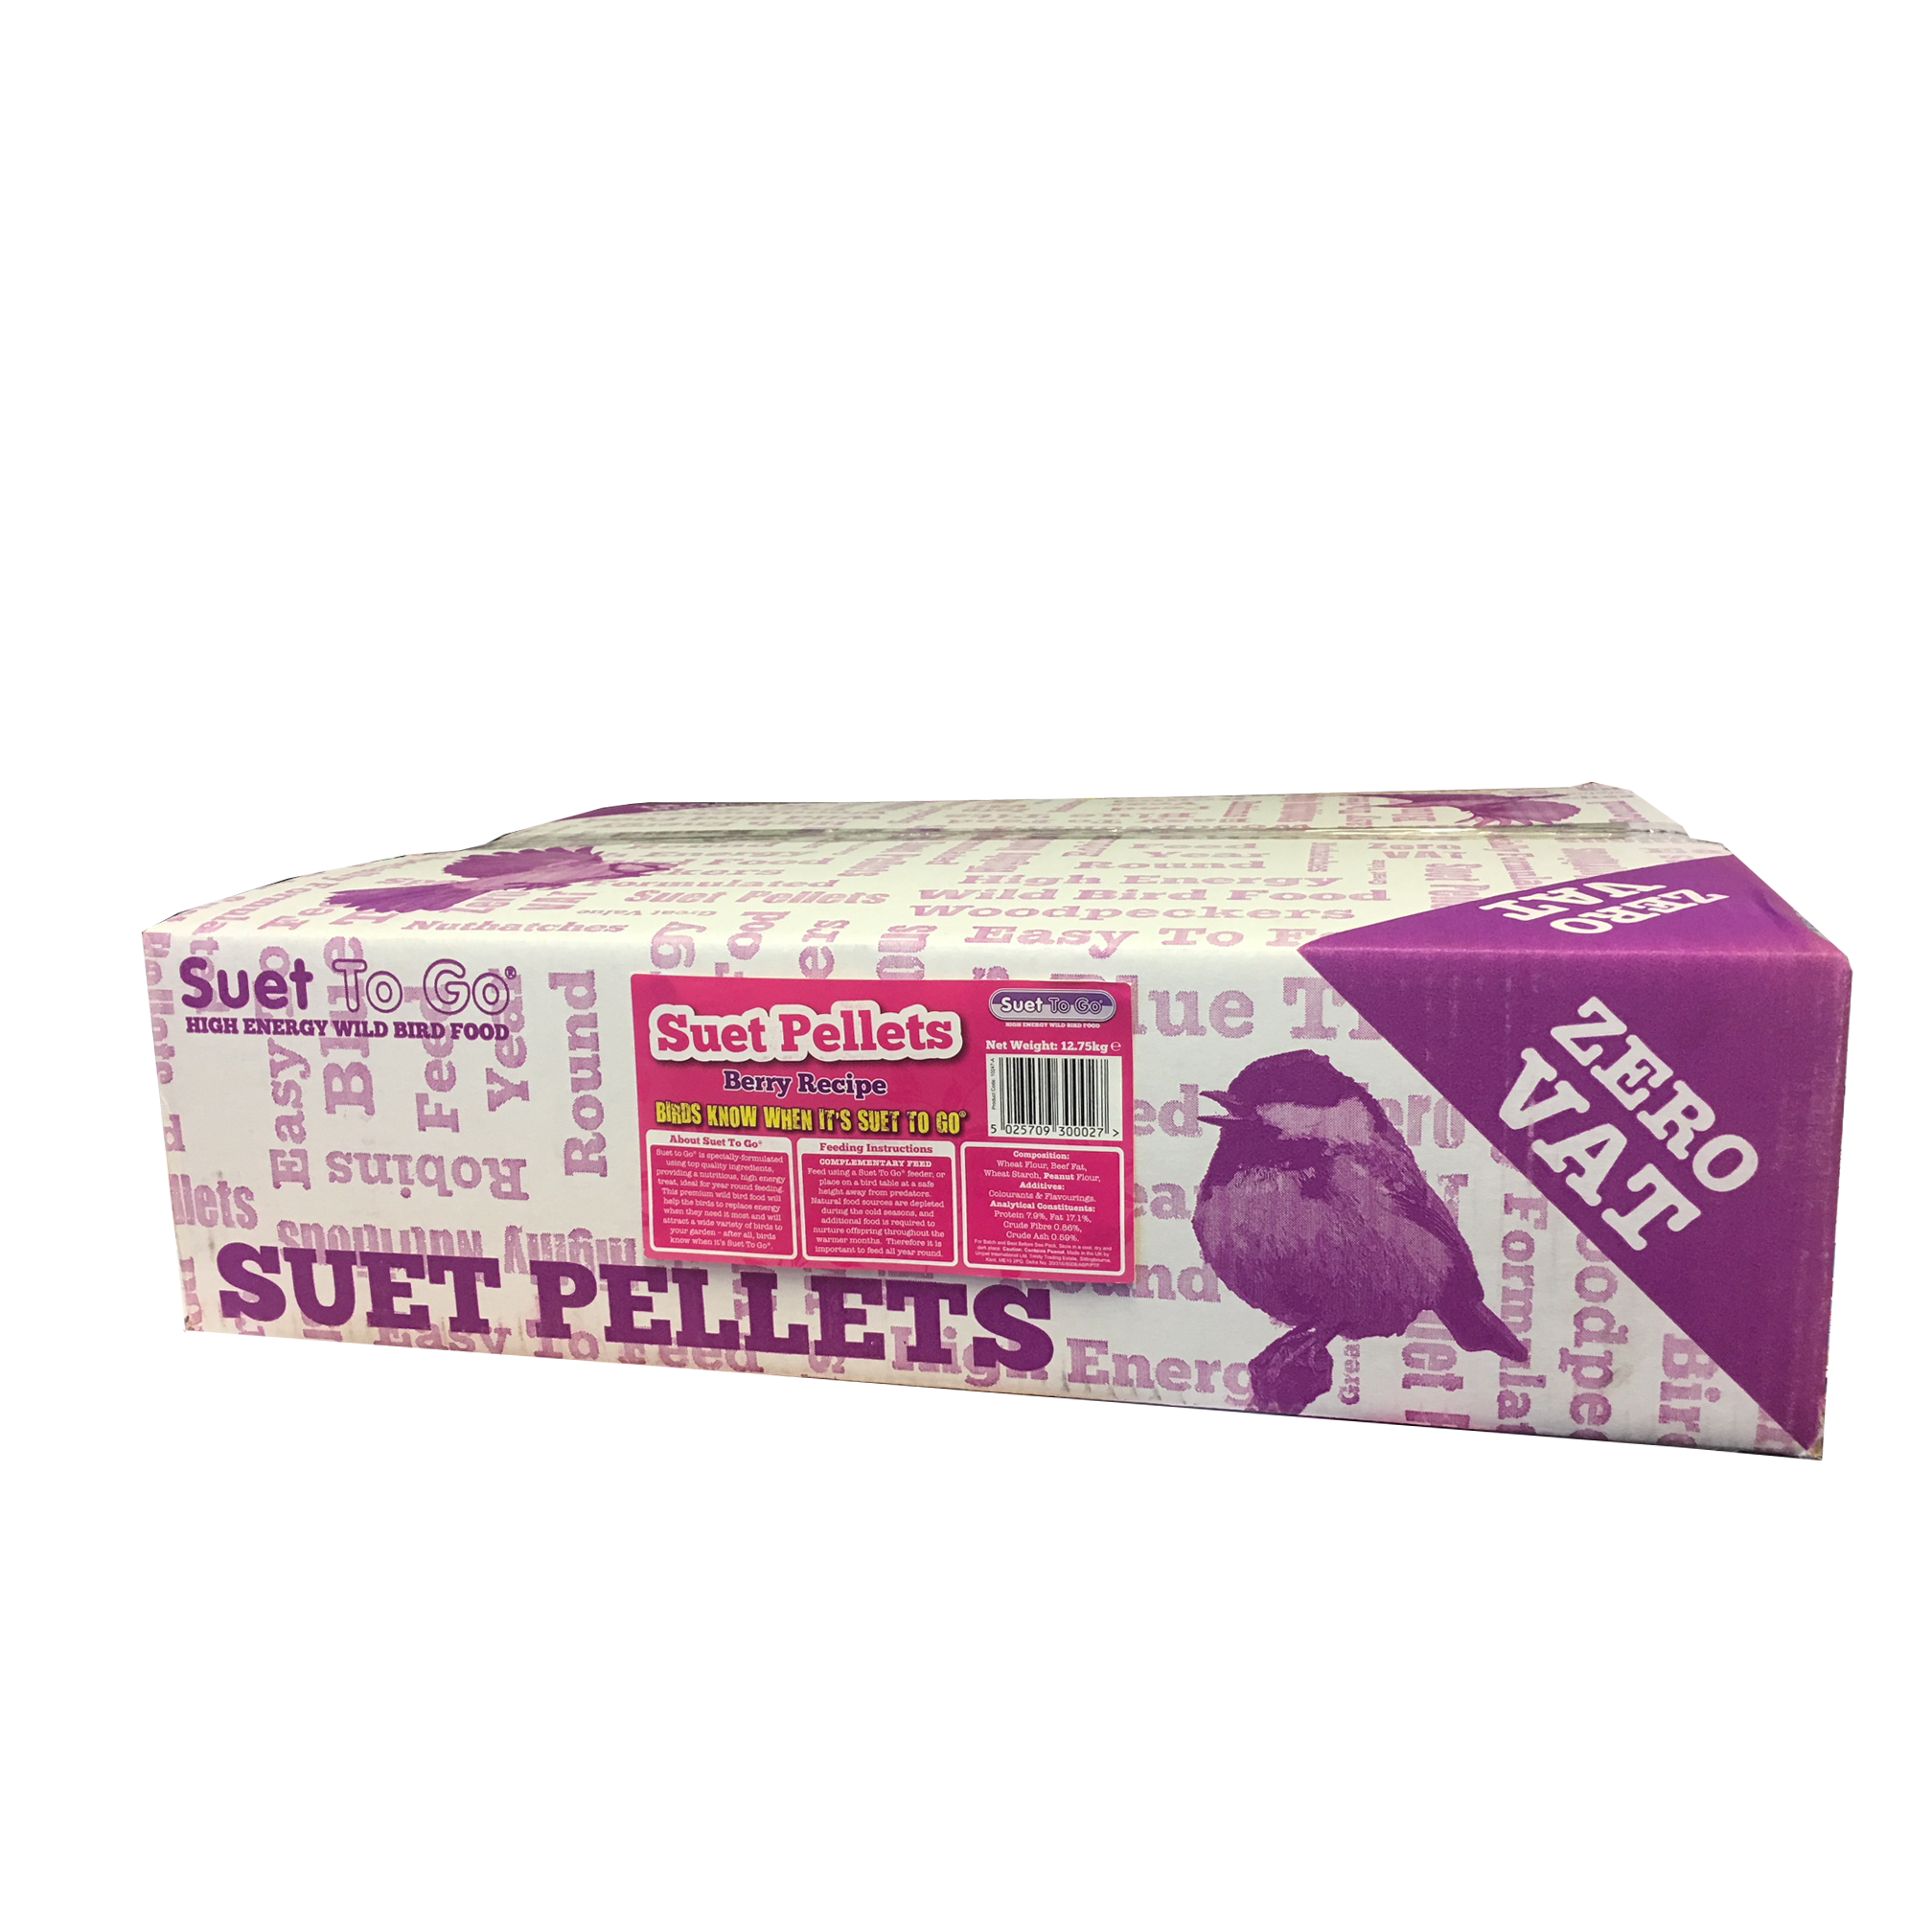 Suet to Go Premium Suet Berry Pellets Wild Bird Food 12.75kg